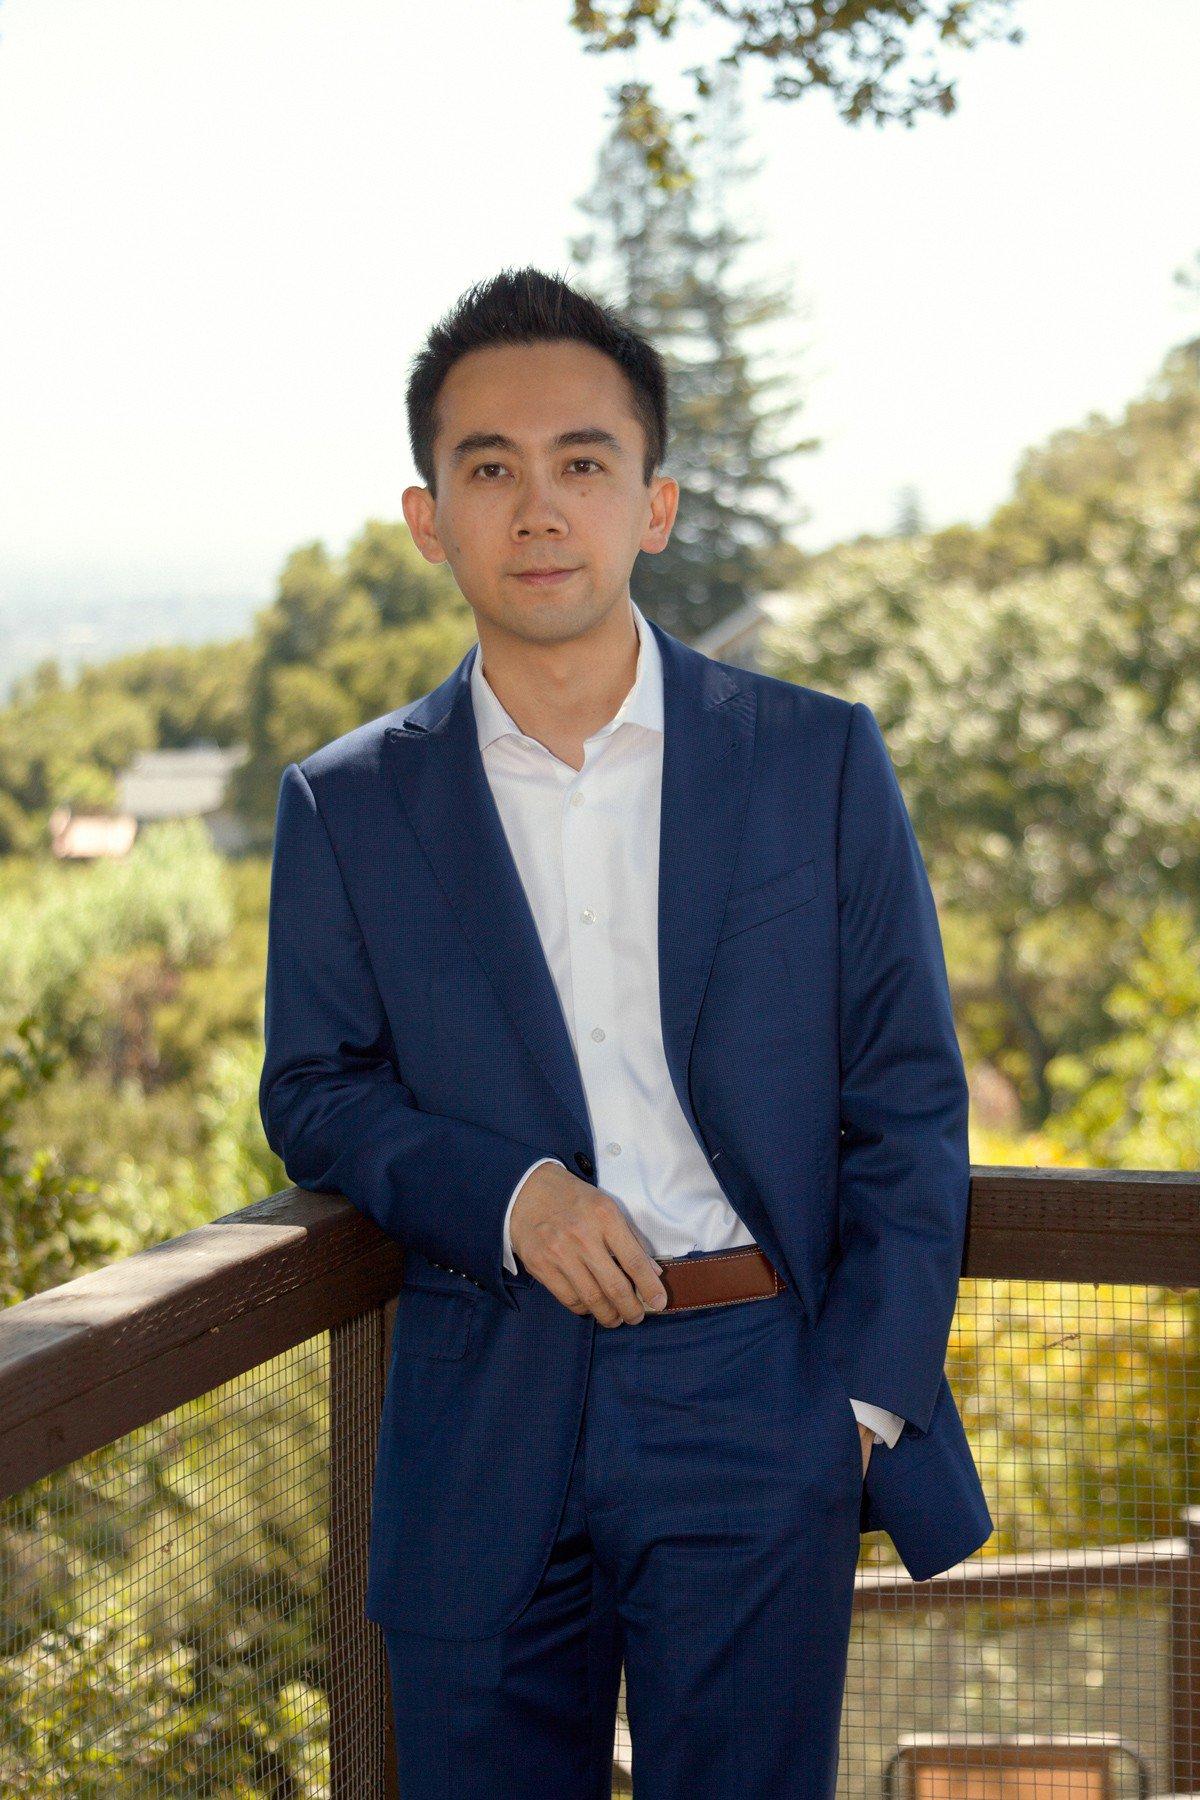 Photo of Jianxiong Xiao